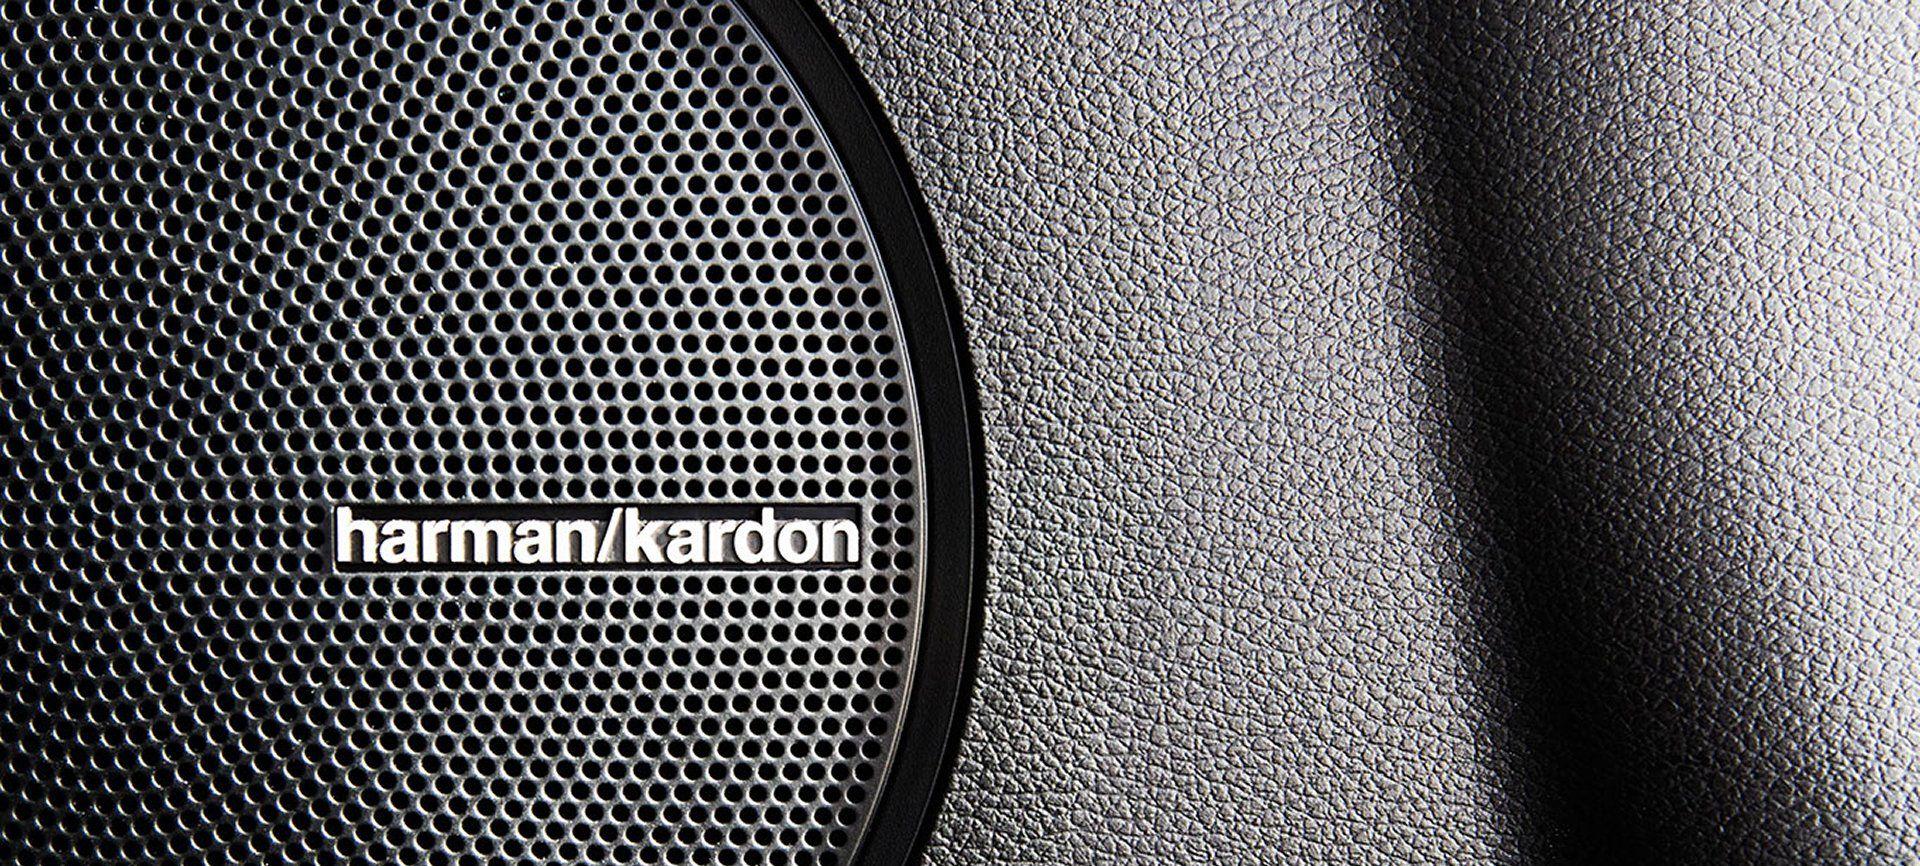 2020 Soul Speaker